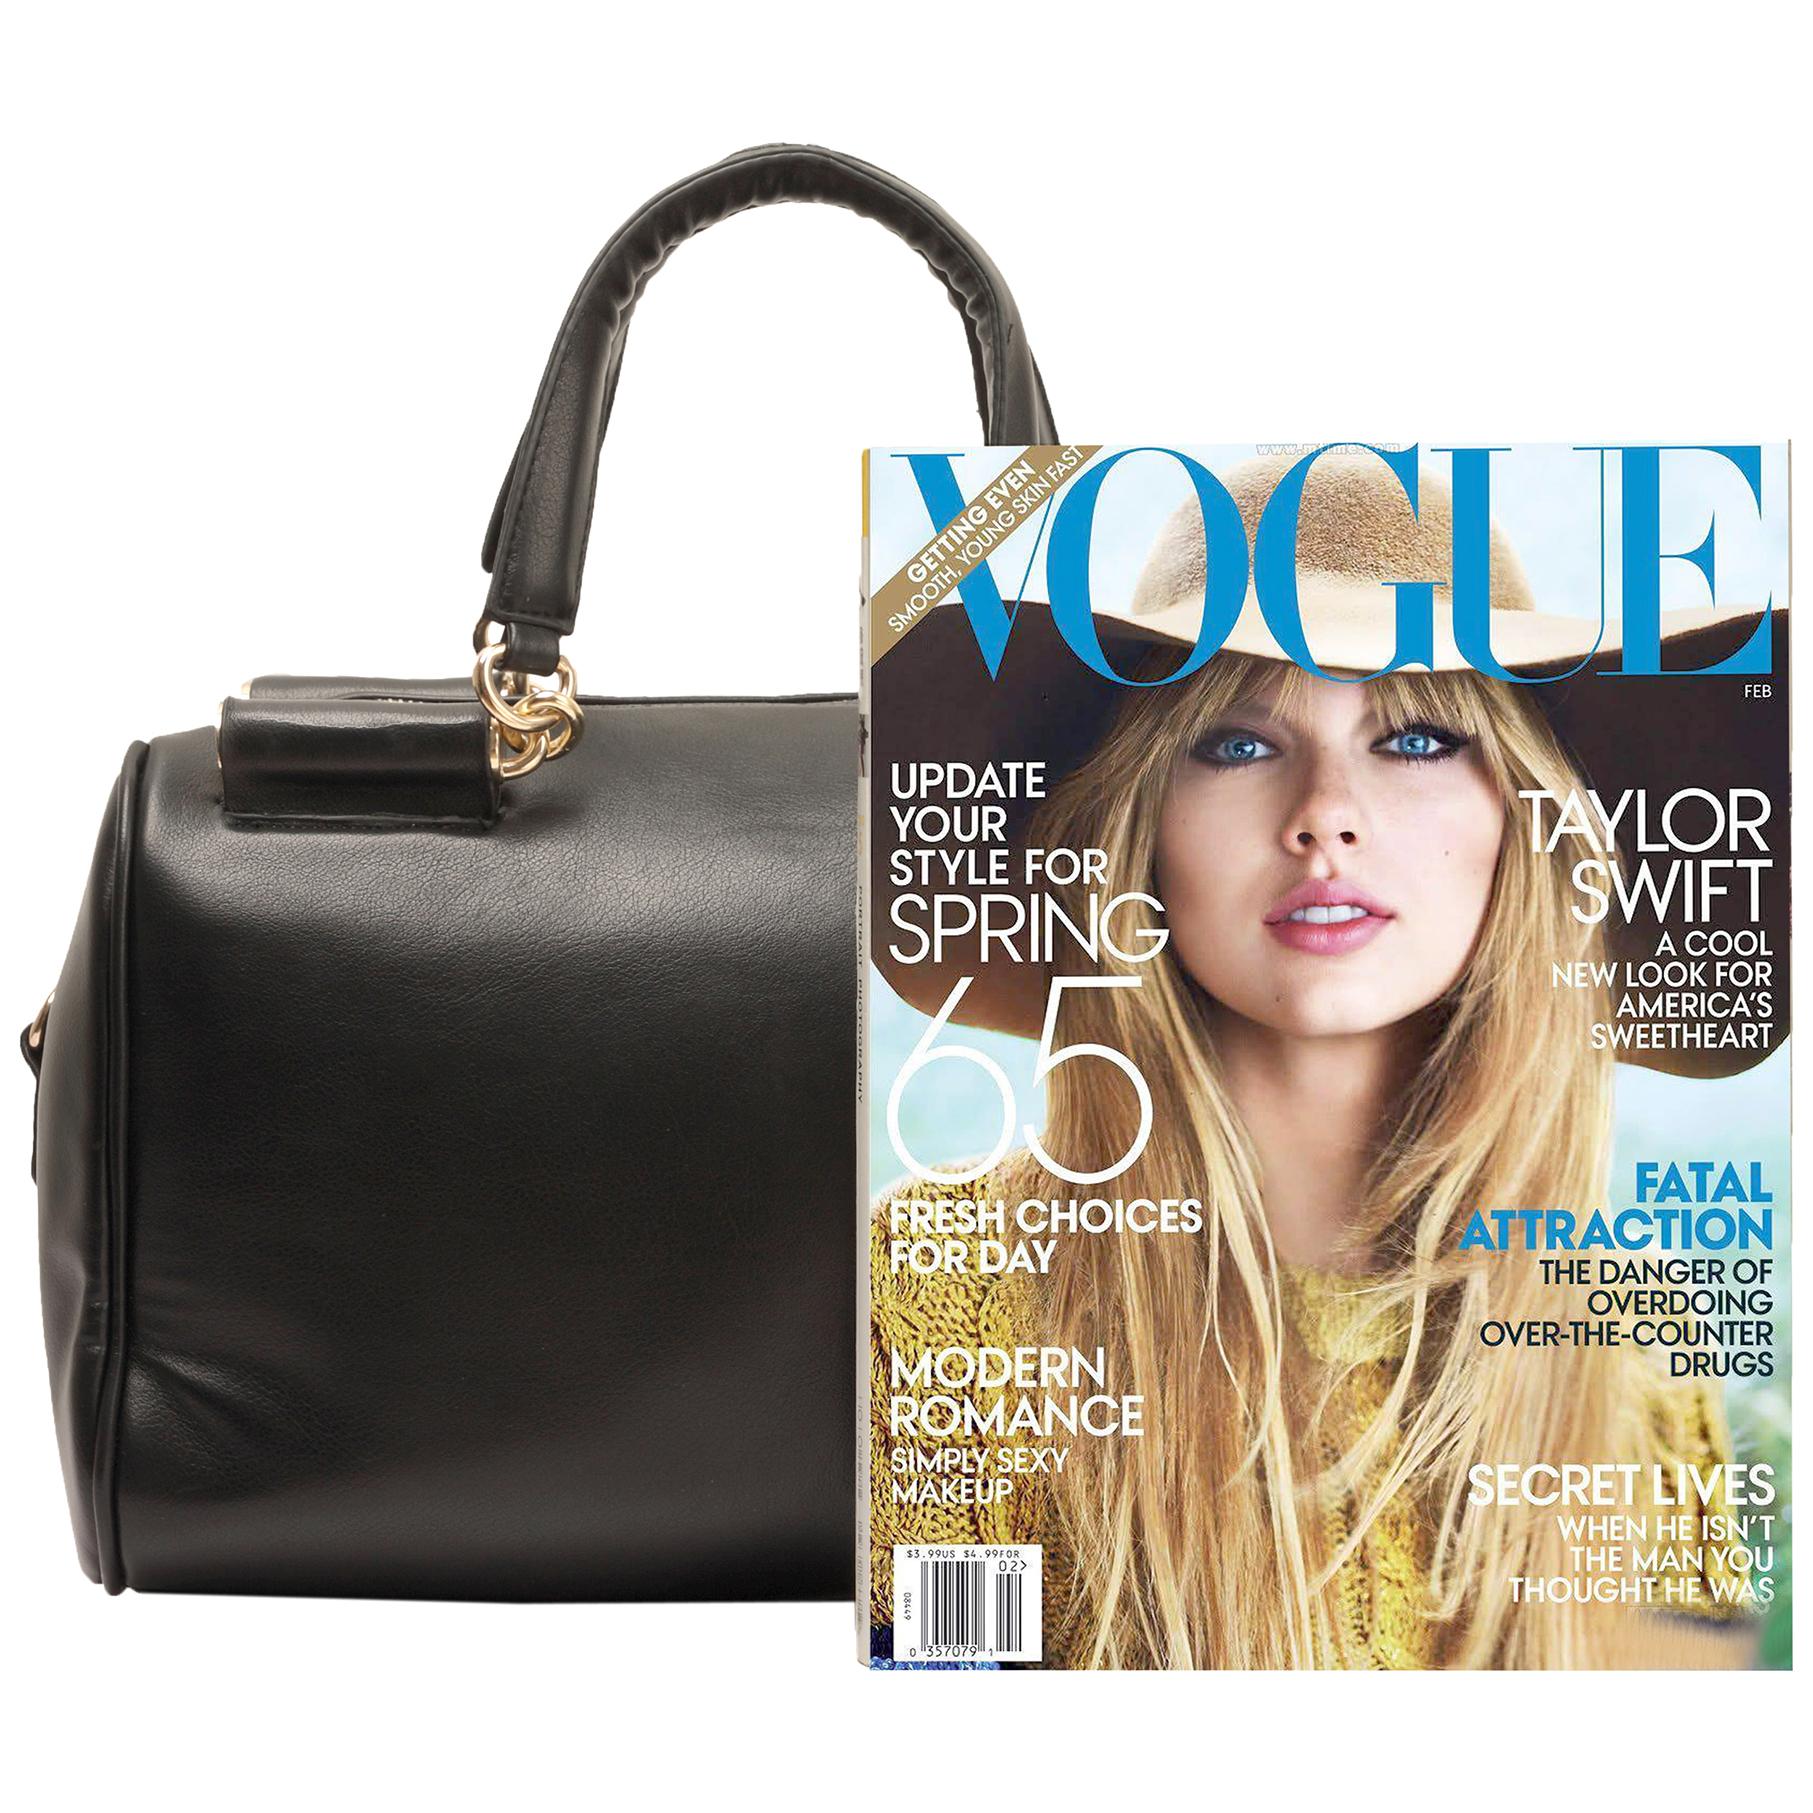 Cierra black doctor style handbag size comparison image